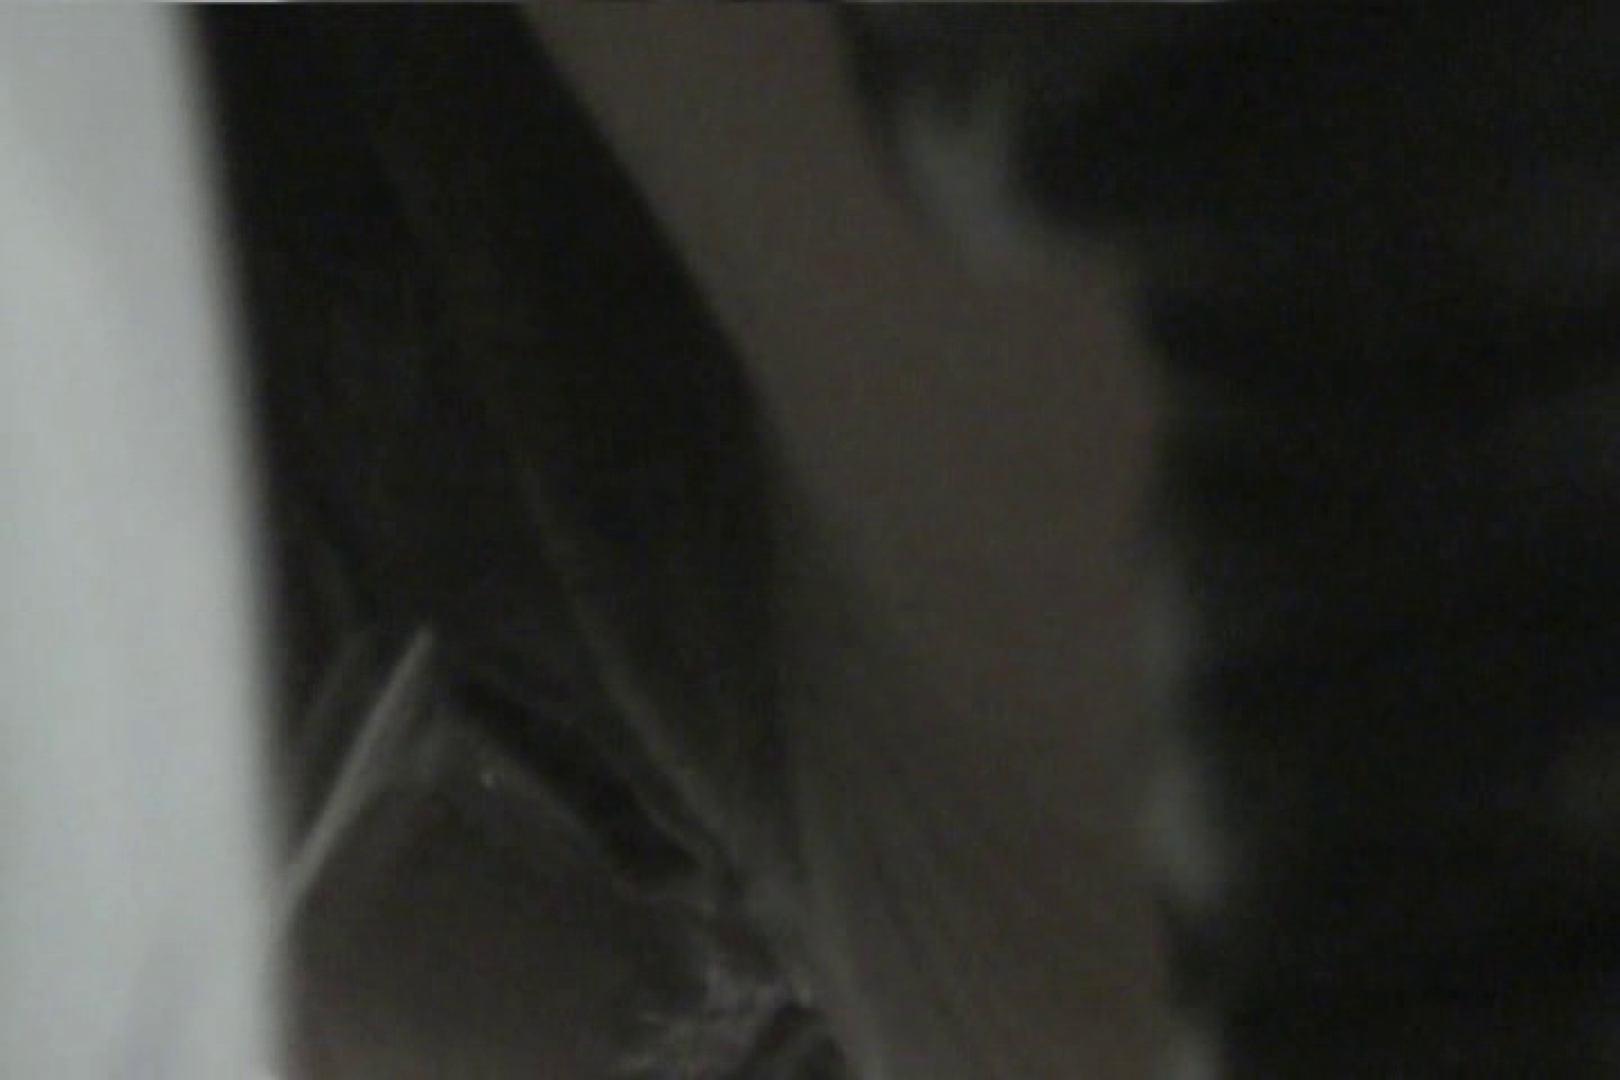 マンコ丸見え女子洗面所Vol.22 丸見え | パンツ大放出  27pic 11